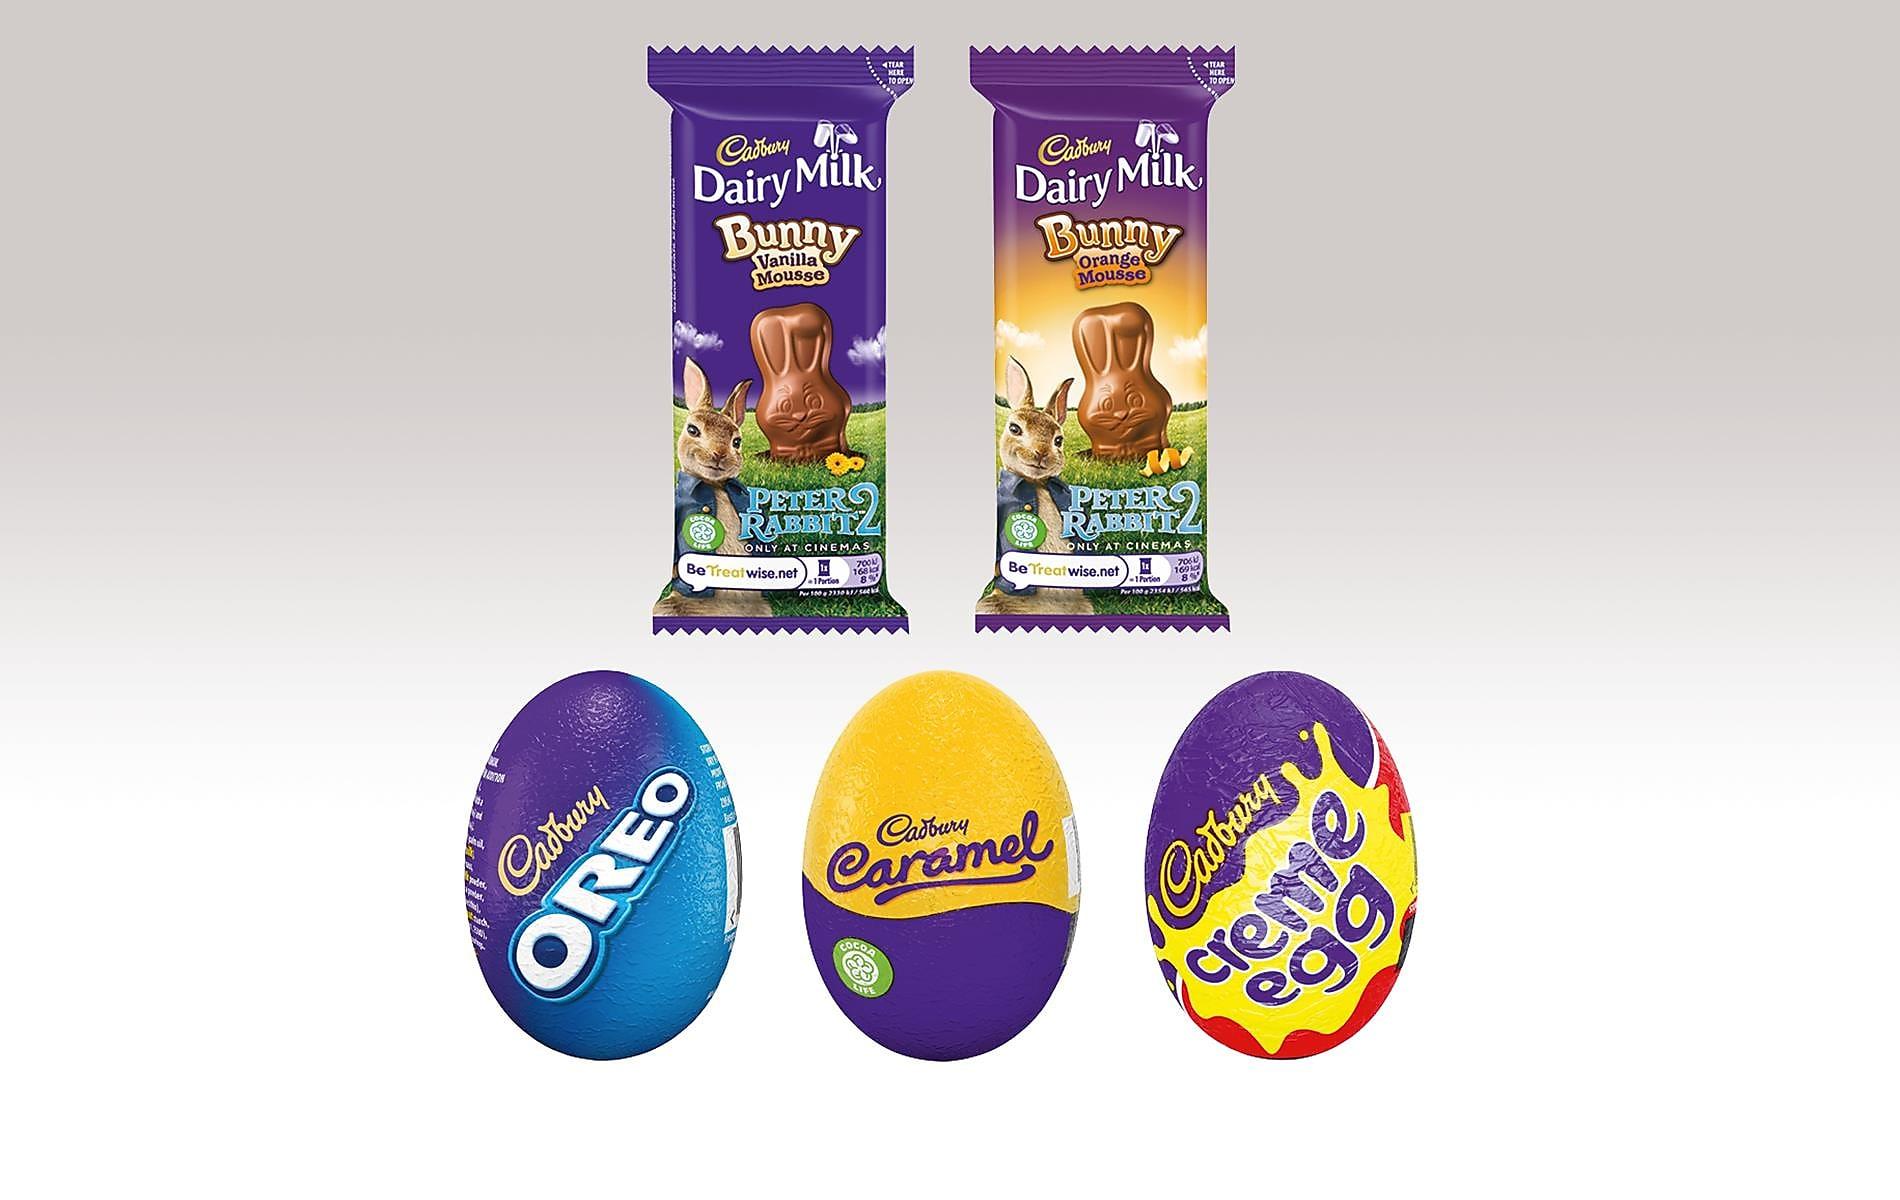 Cadbury Easter Eggs & Bunnies - Any 2 for £1.20